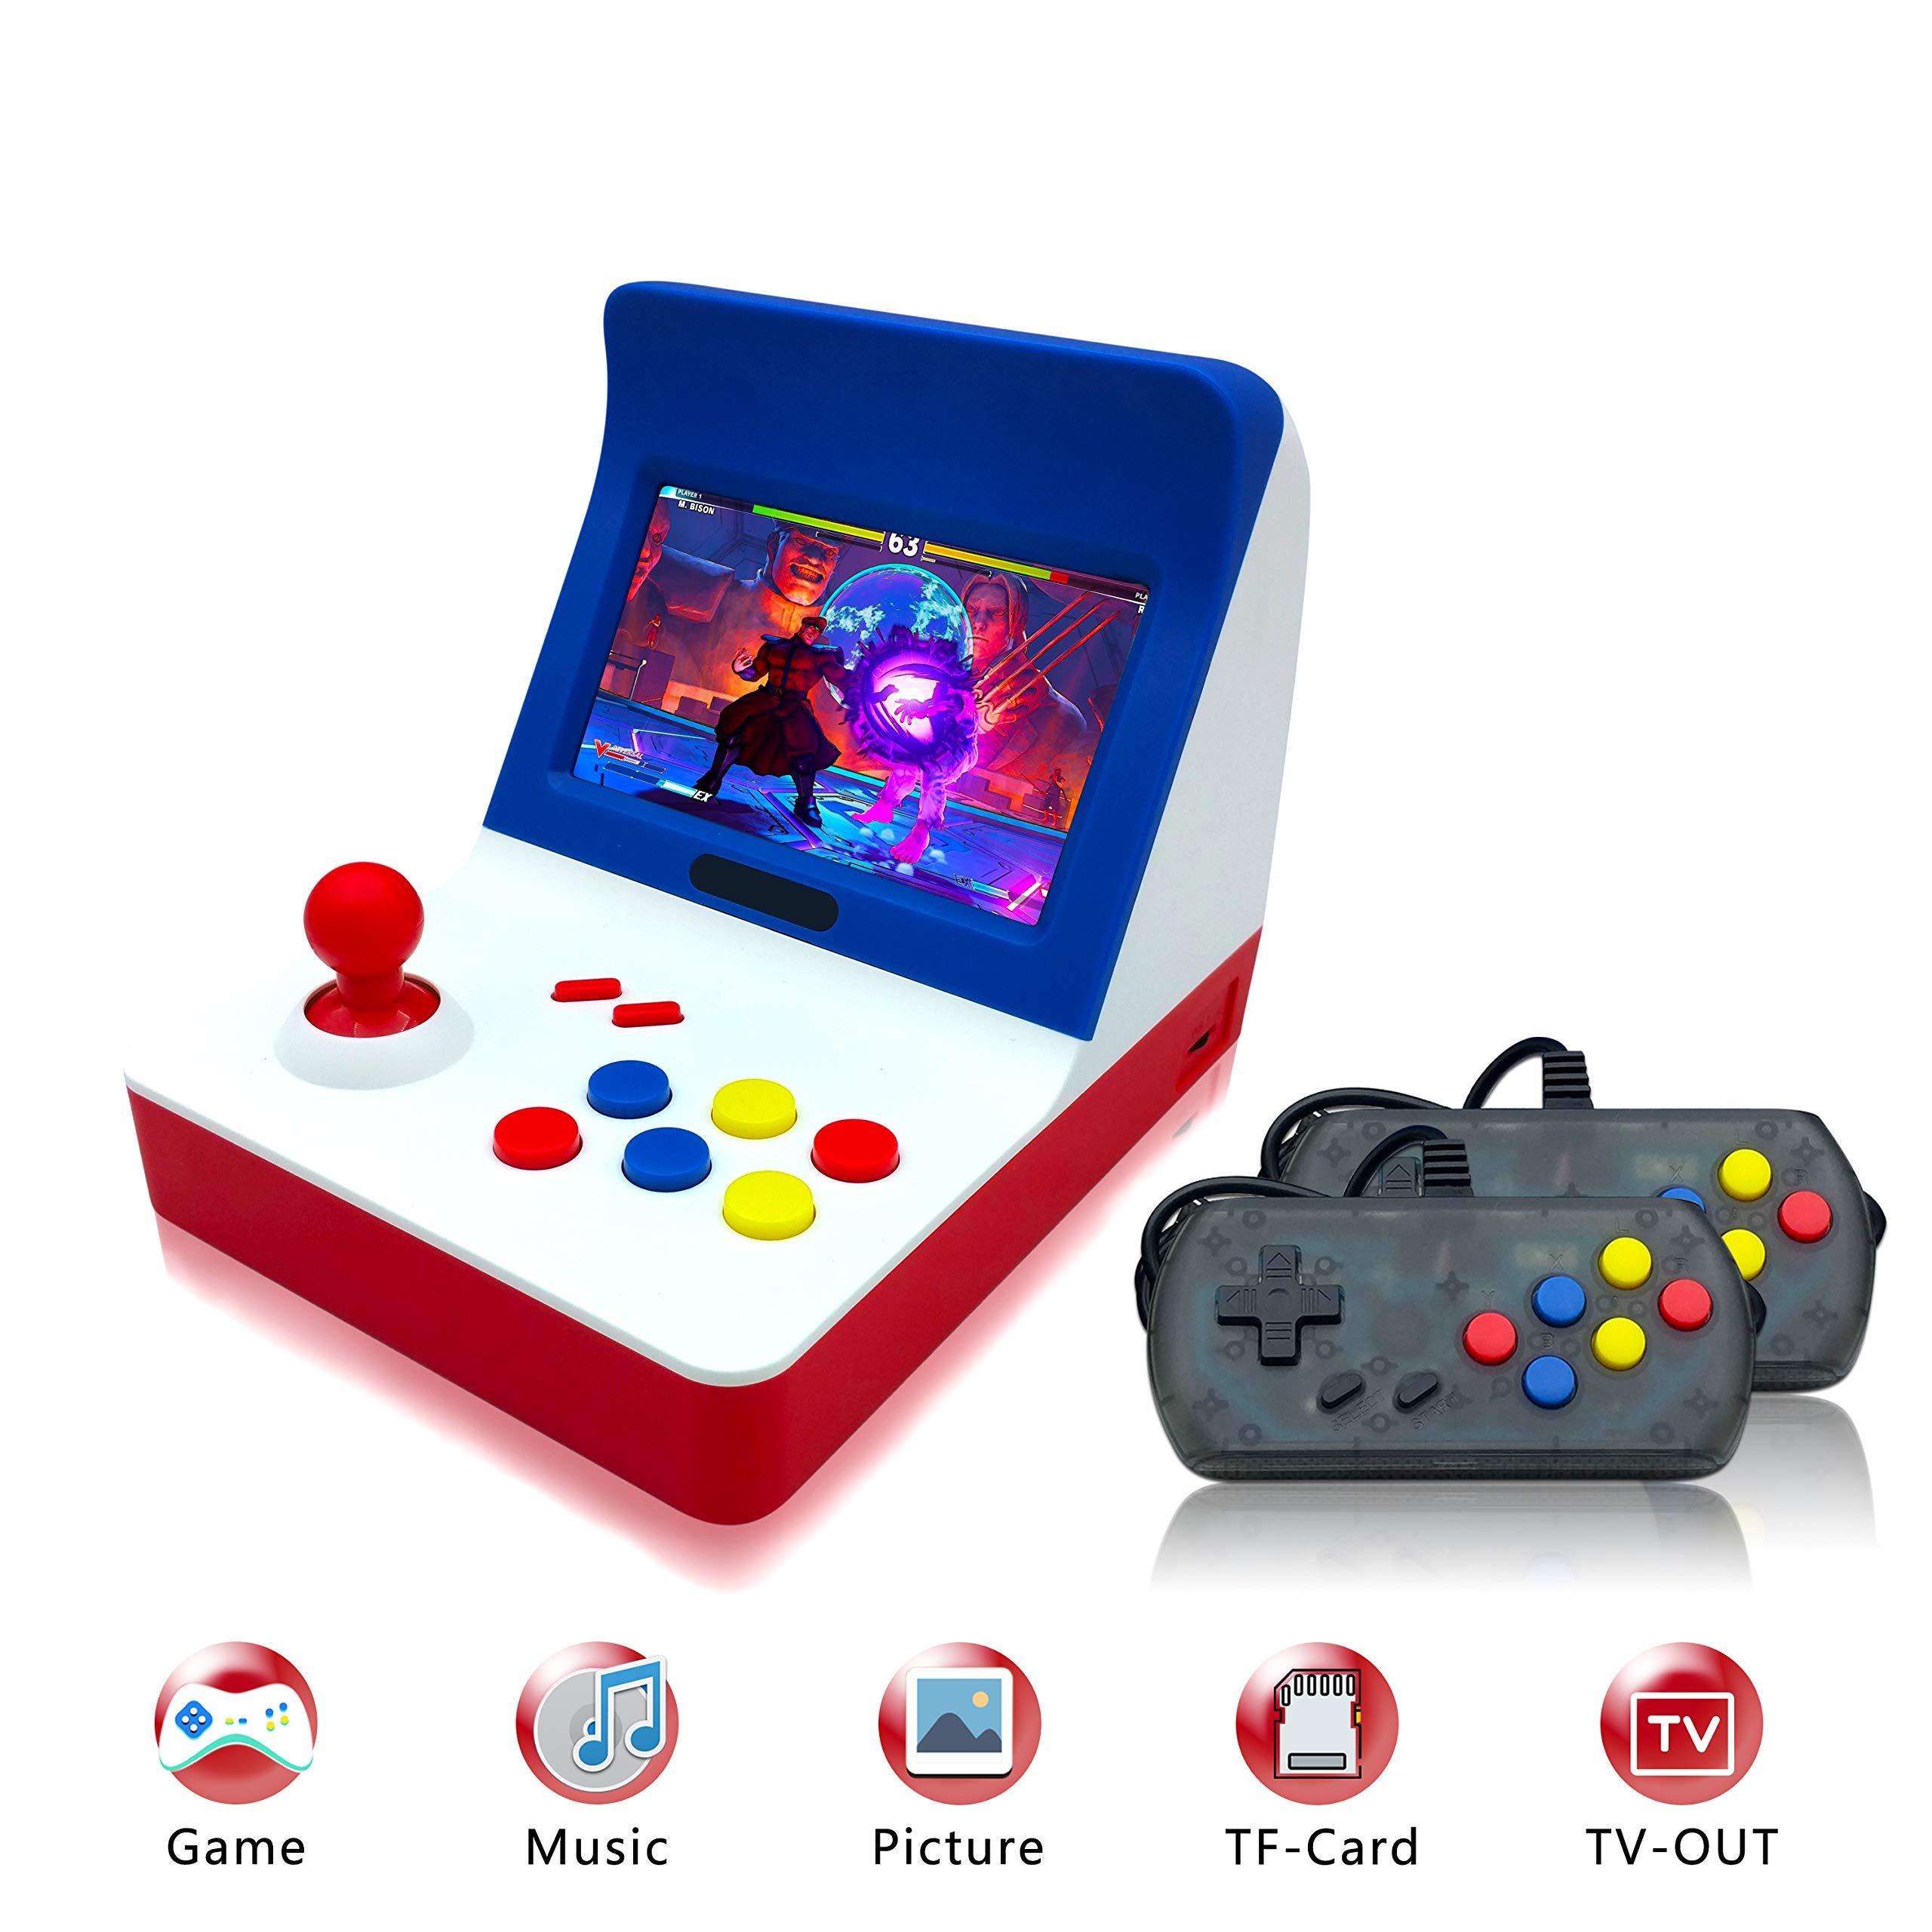 Anbernic Consolas de Juegos Portátil , Consola de Juegos Retro Game Console 4.3 Pulgadas 3000 Juegos